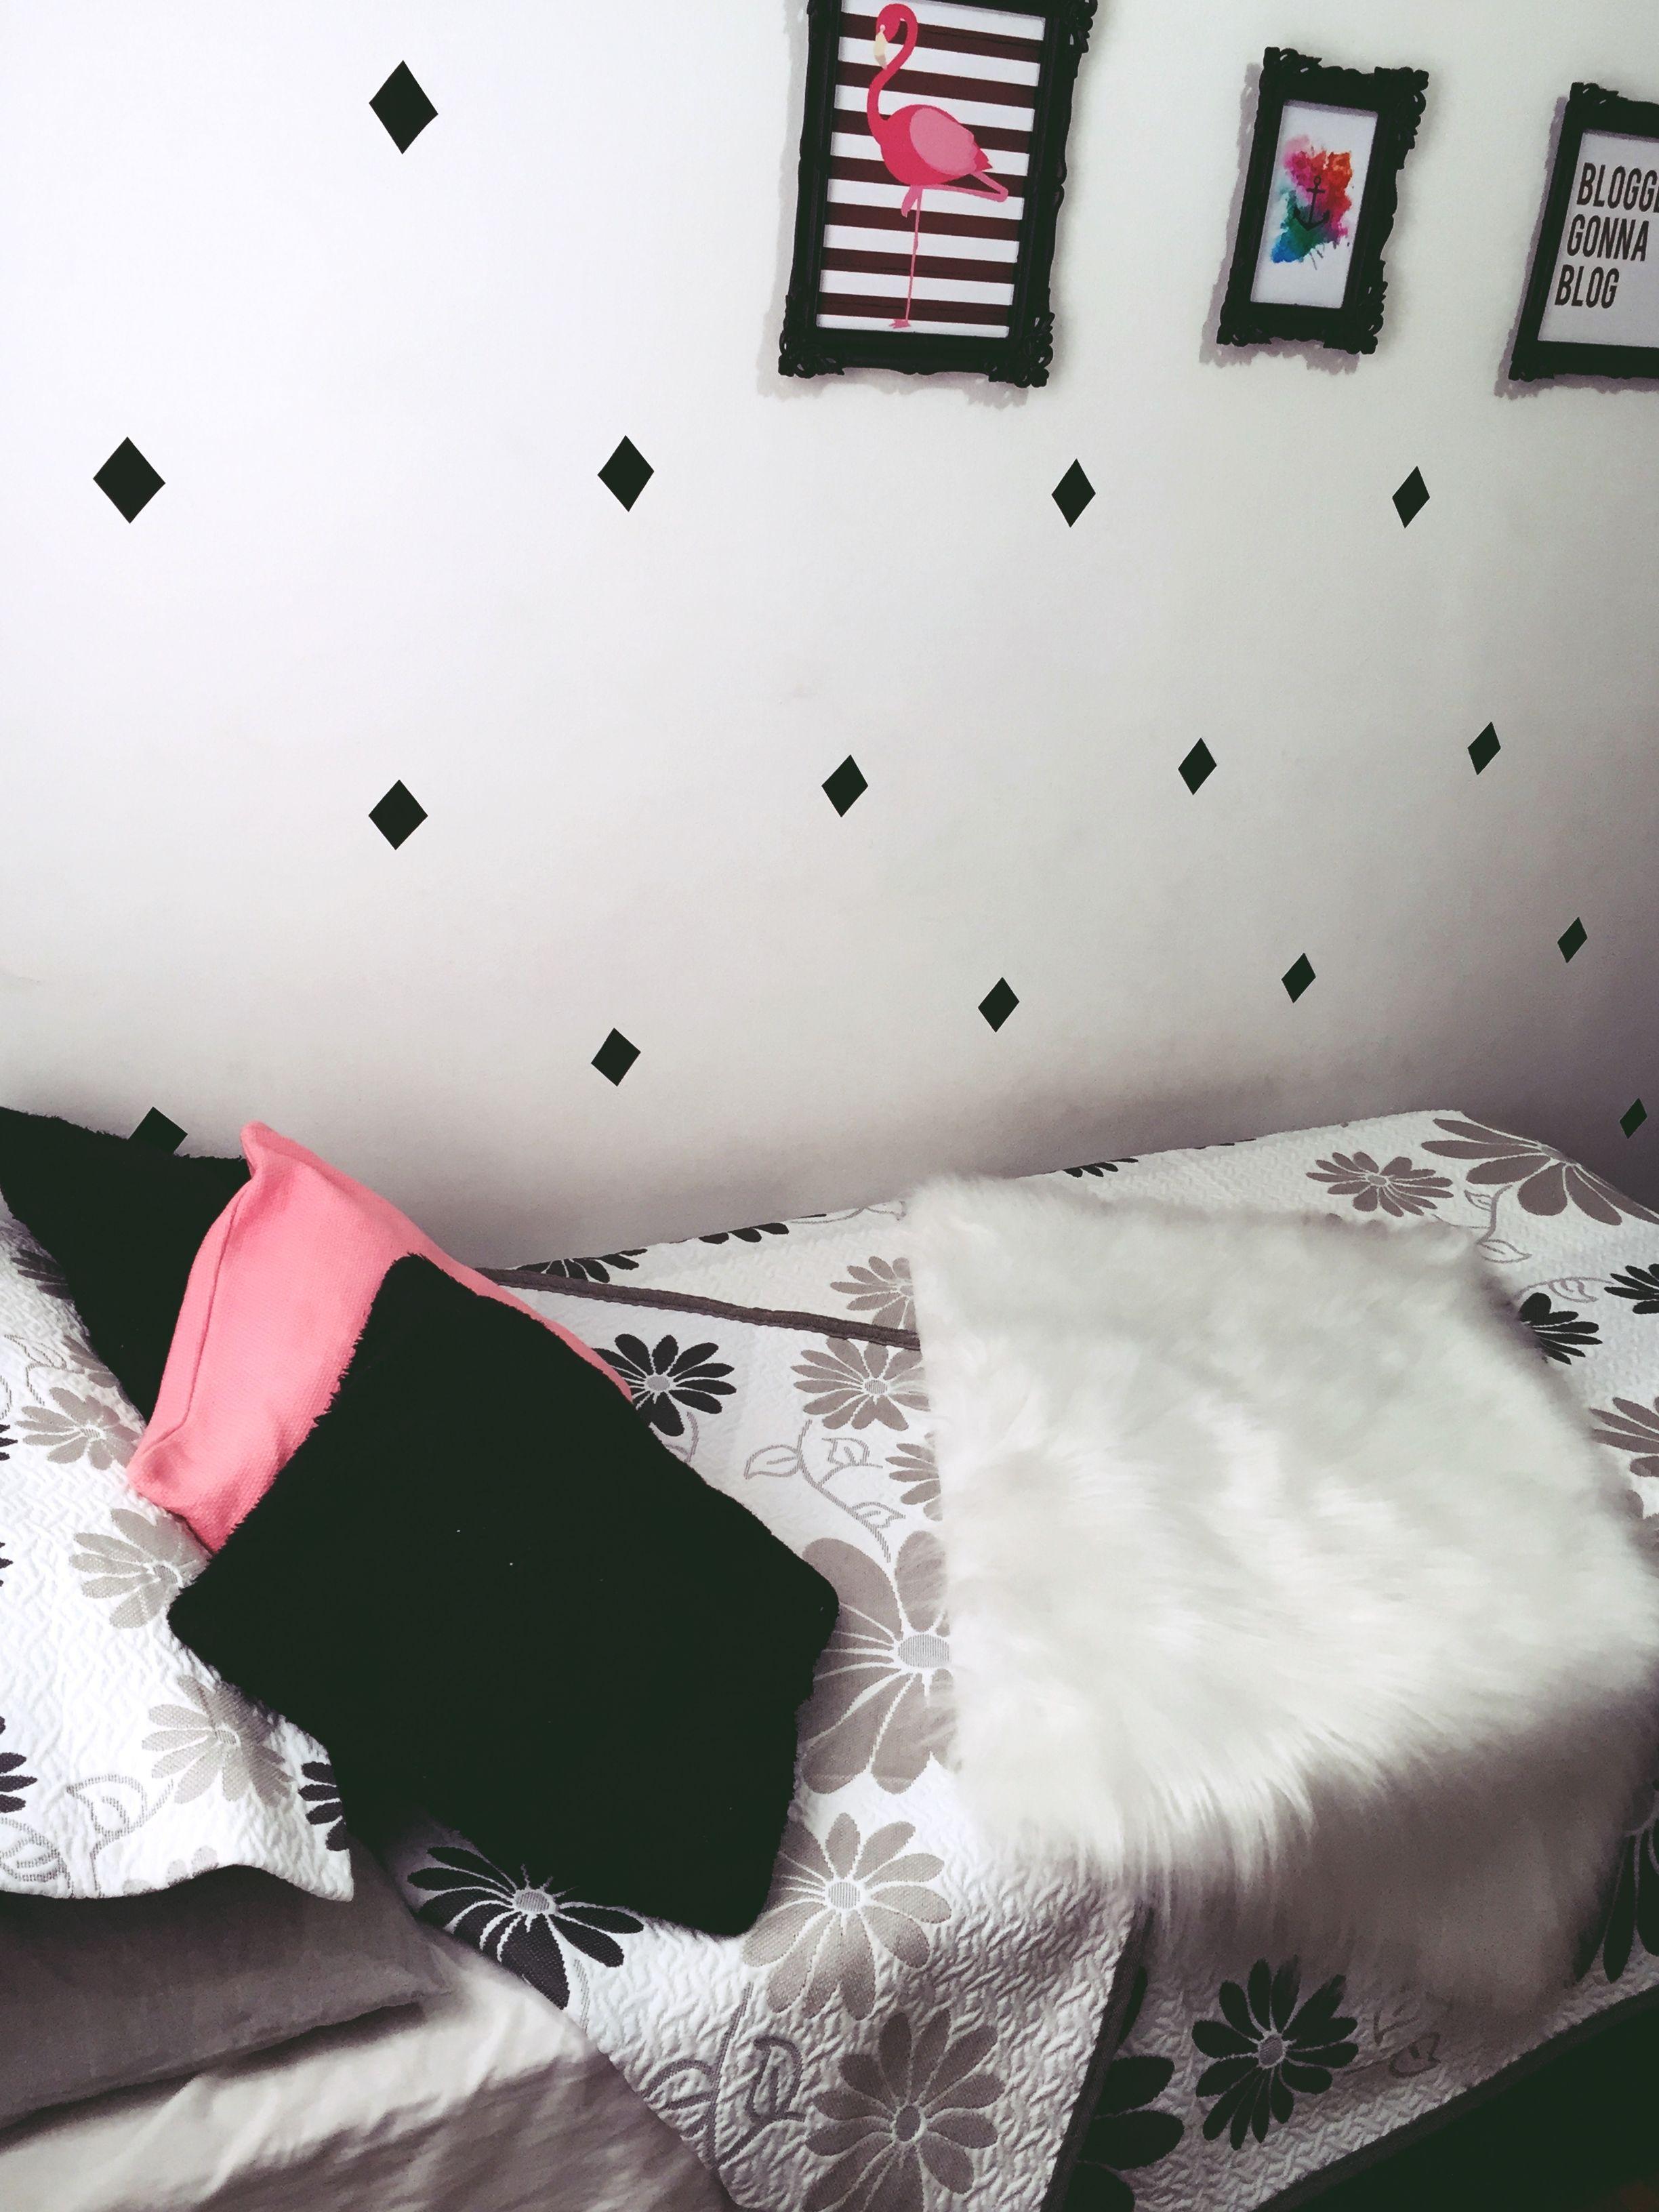 Quarto Cinza E Rosa Cama De Solteiro Quarto Tumblr Feminino 3 Quarto Cinza E Rosa Decoracao Quarto Pequeno Solteiro Ideias De Decoracao Quarto Feminino